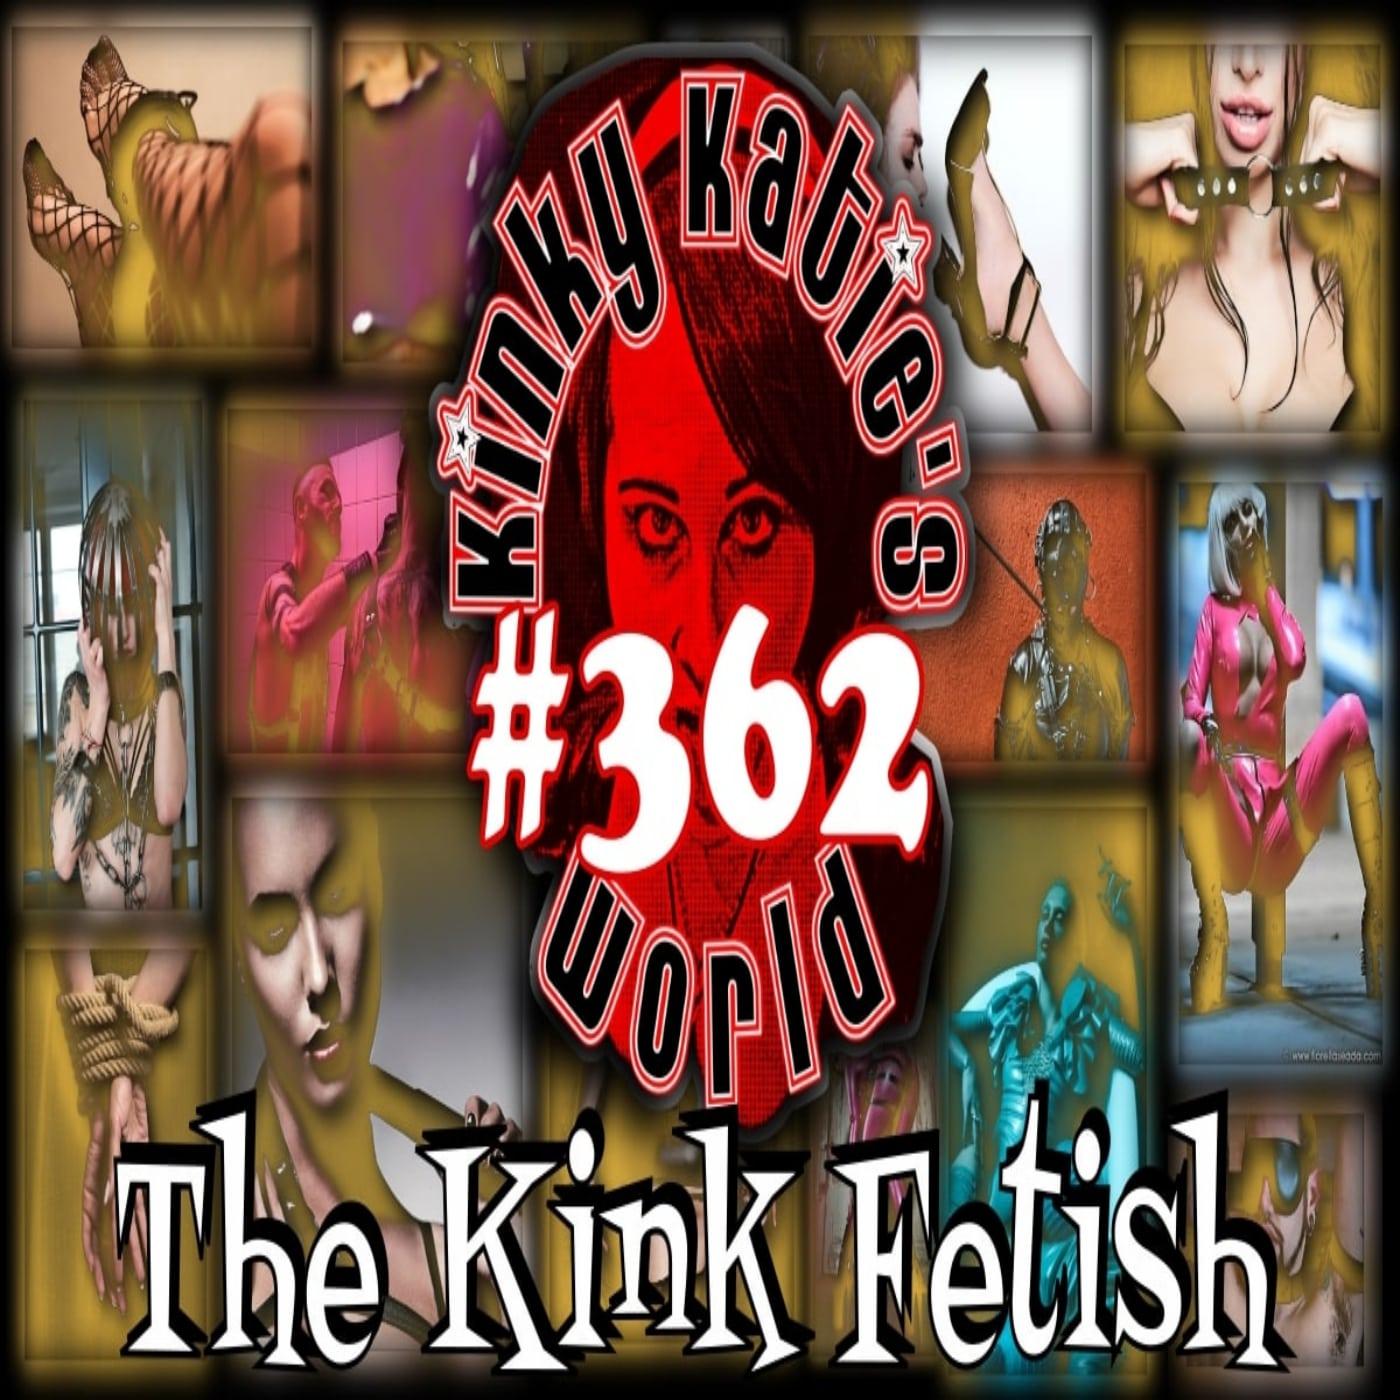 #362 – The Kink Fetish